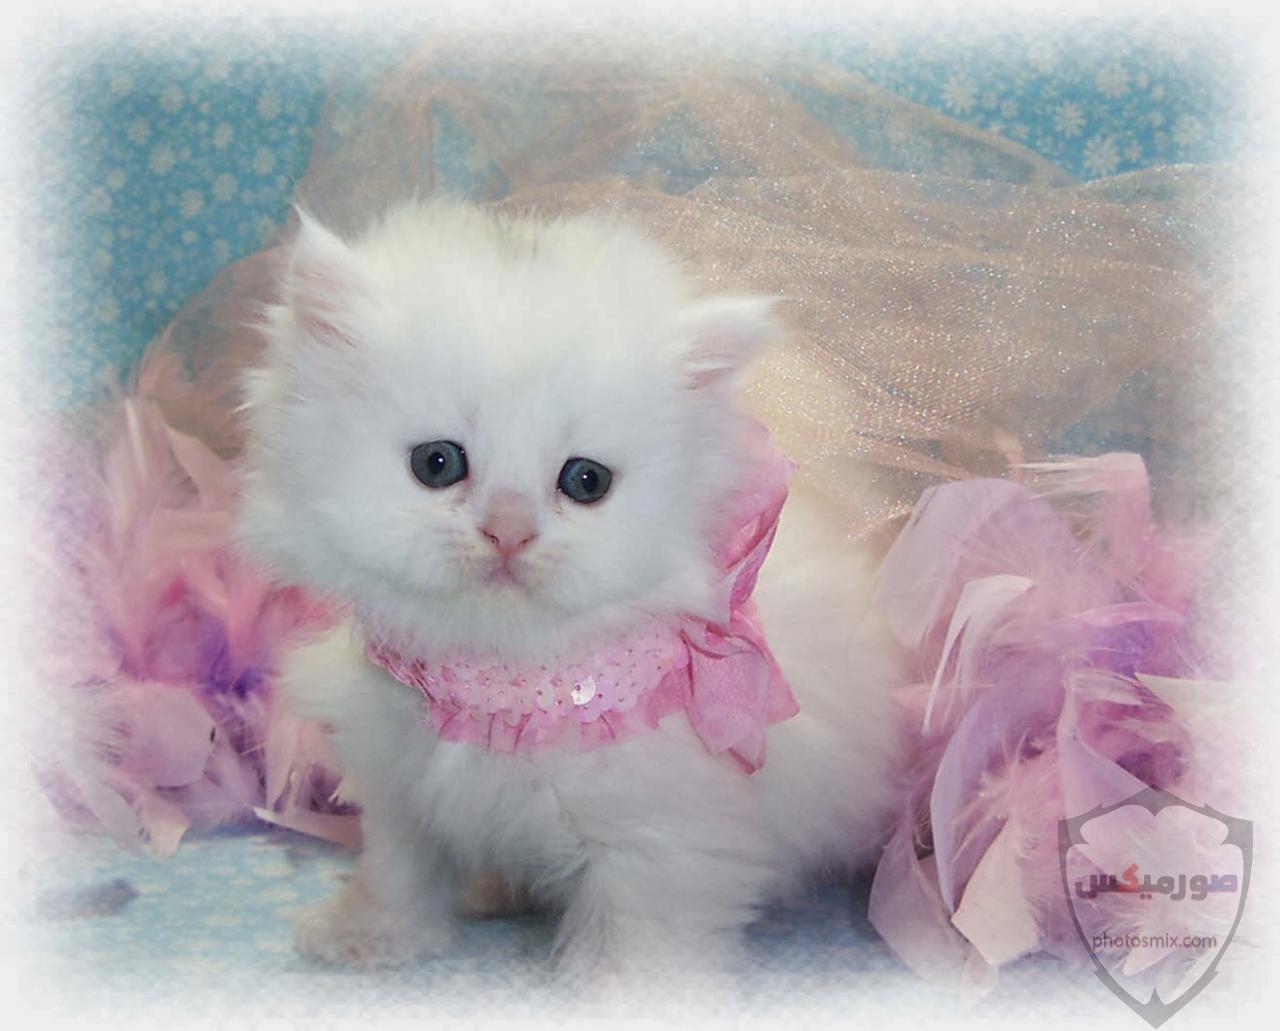 صور خلفيات رمزيات قطط كيوت صورة قطة كيوت جدا 51